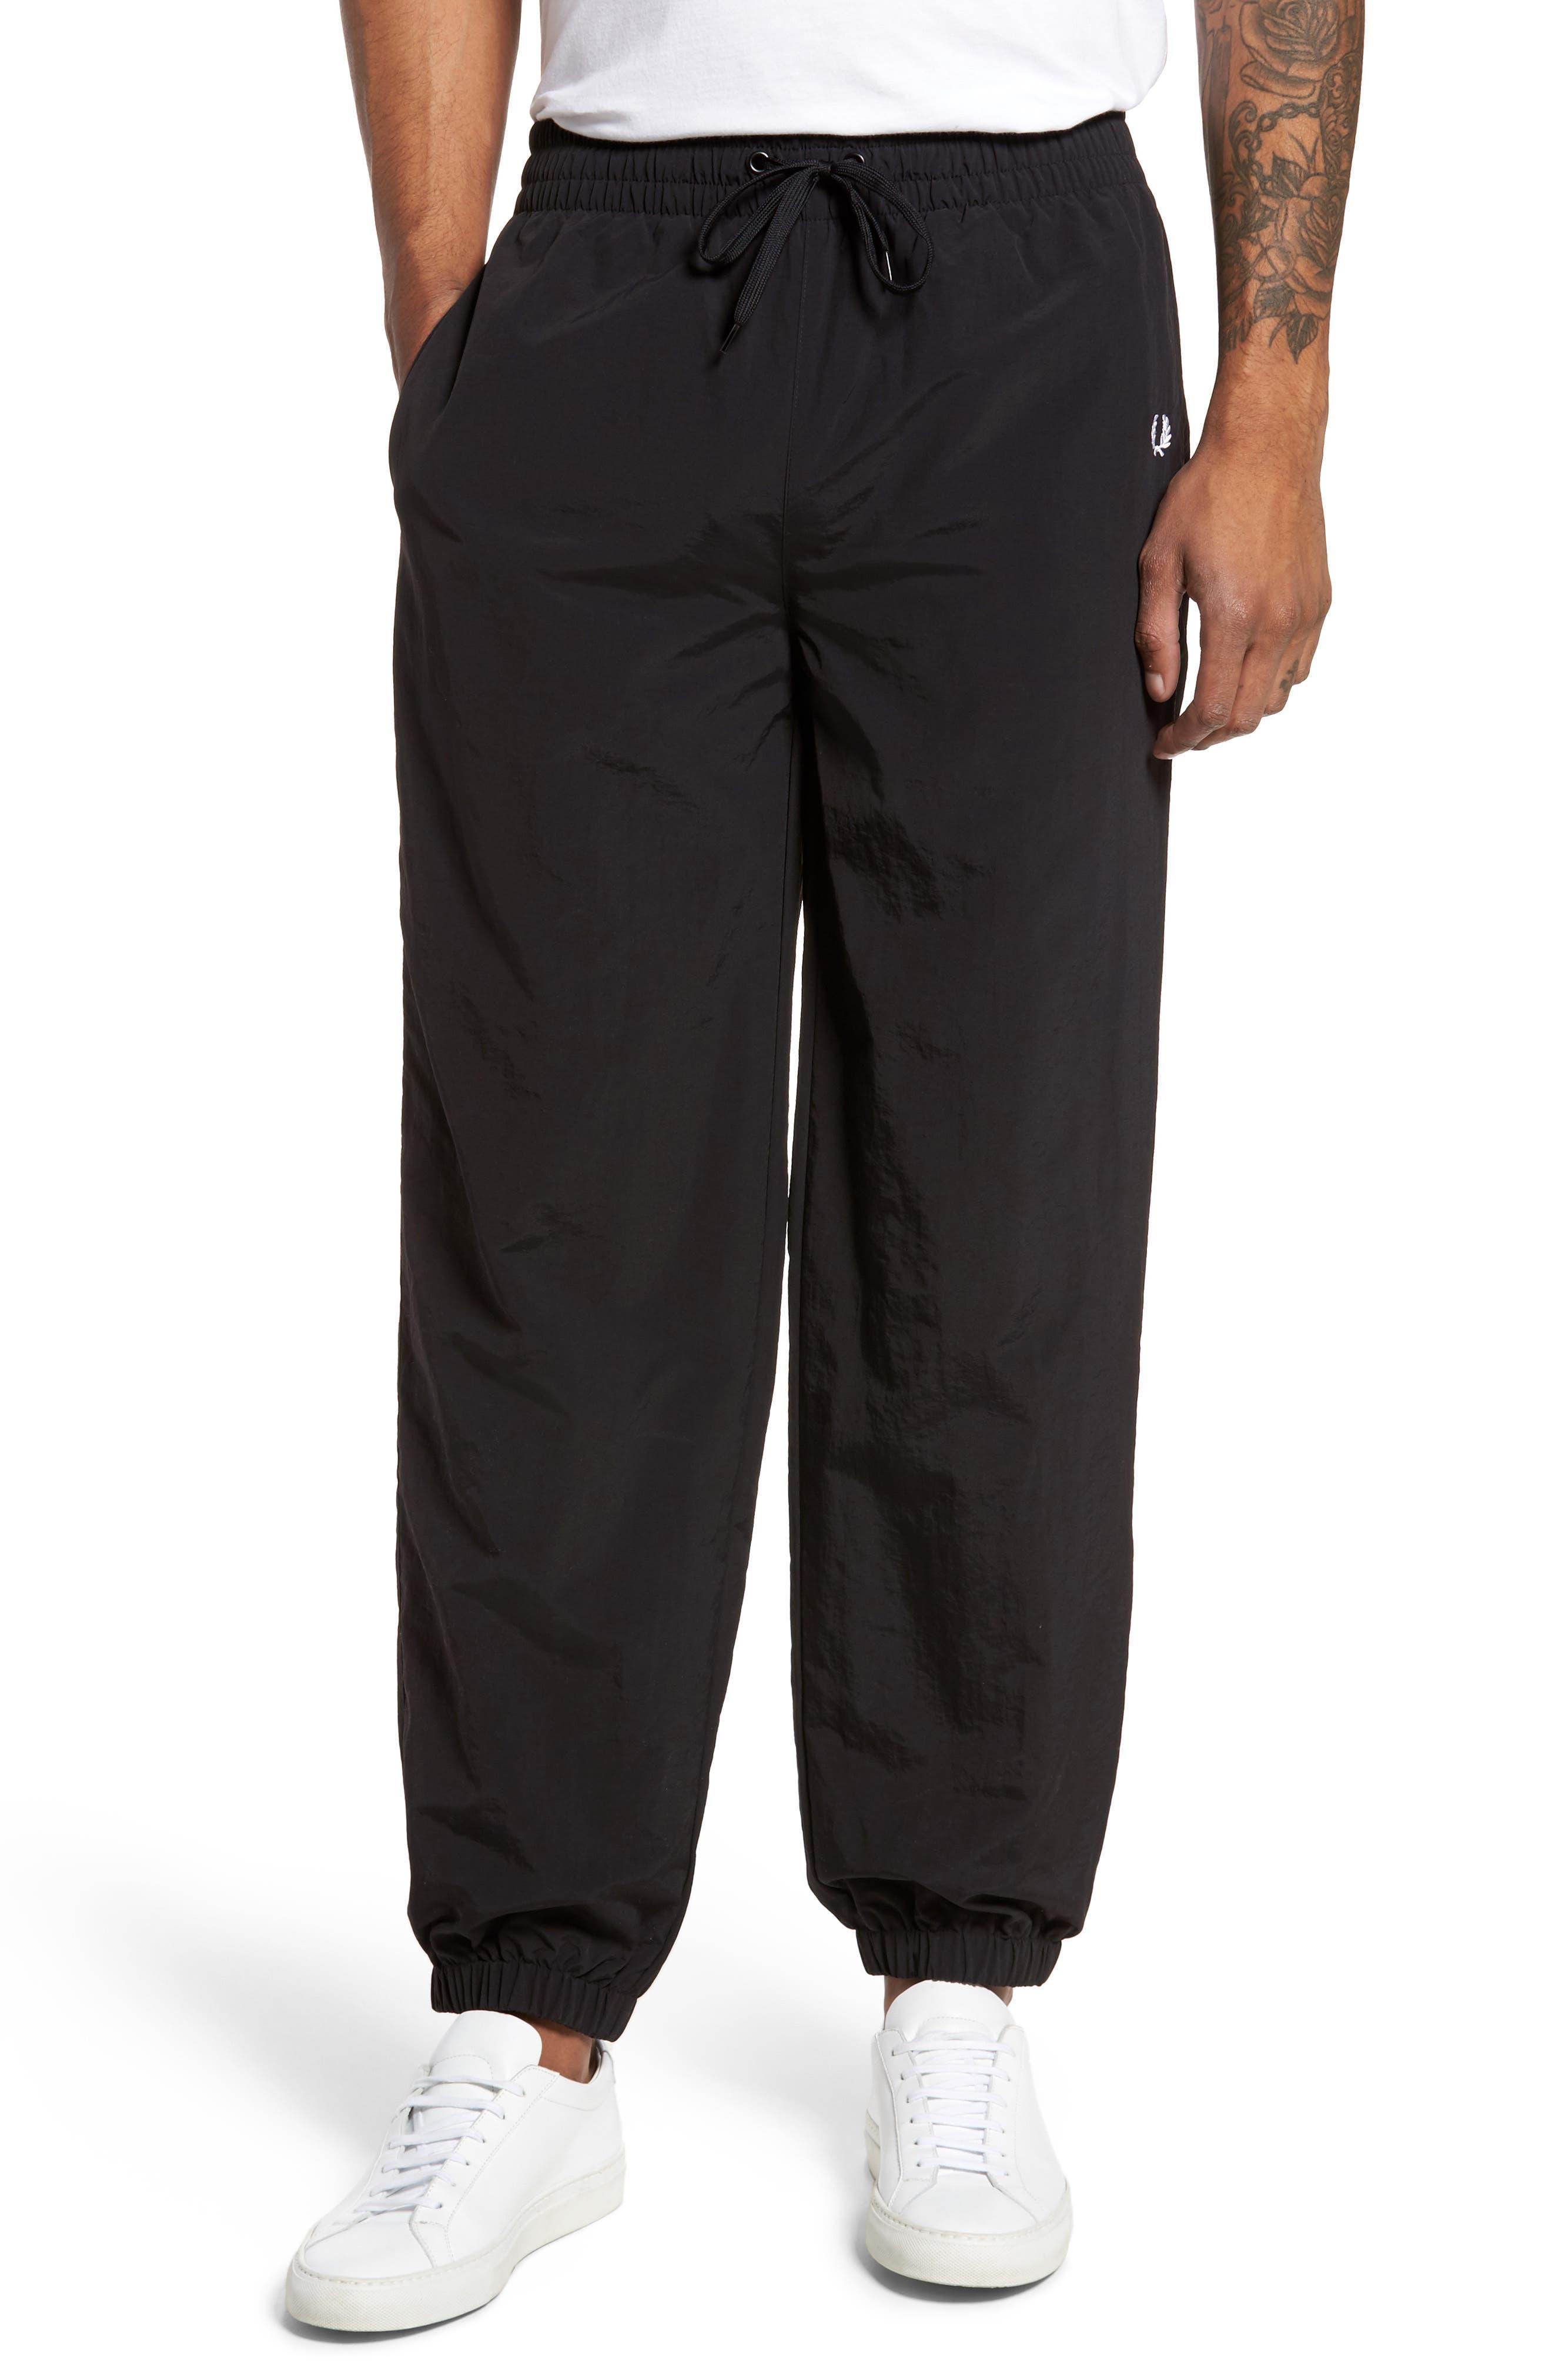 Monochrome Tennis Pants,                         Main,                         color,